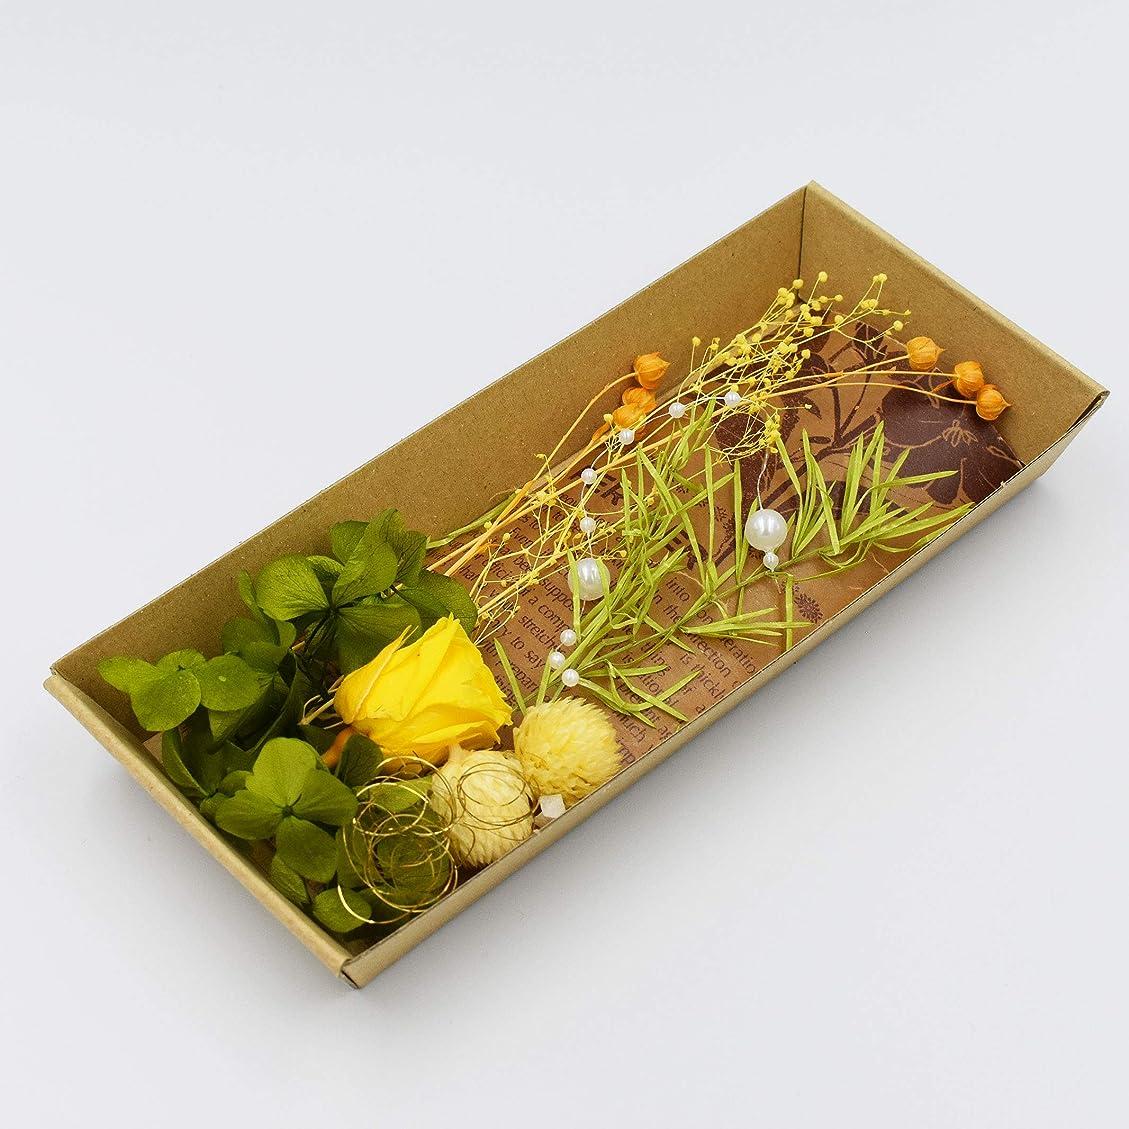 安価な太平洋諸島型ハーバリウム 花材のみ バラ あじさい かすみ草 パール プリザーブドフラワー キット (グリーン)